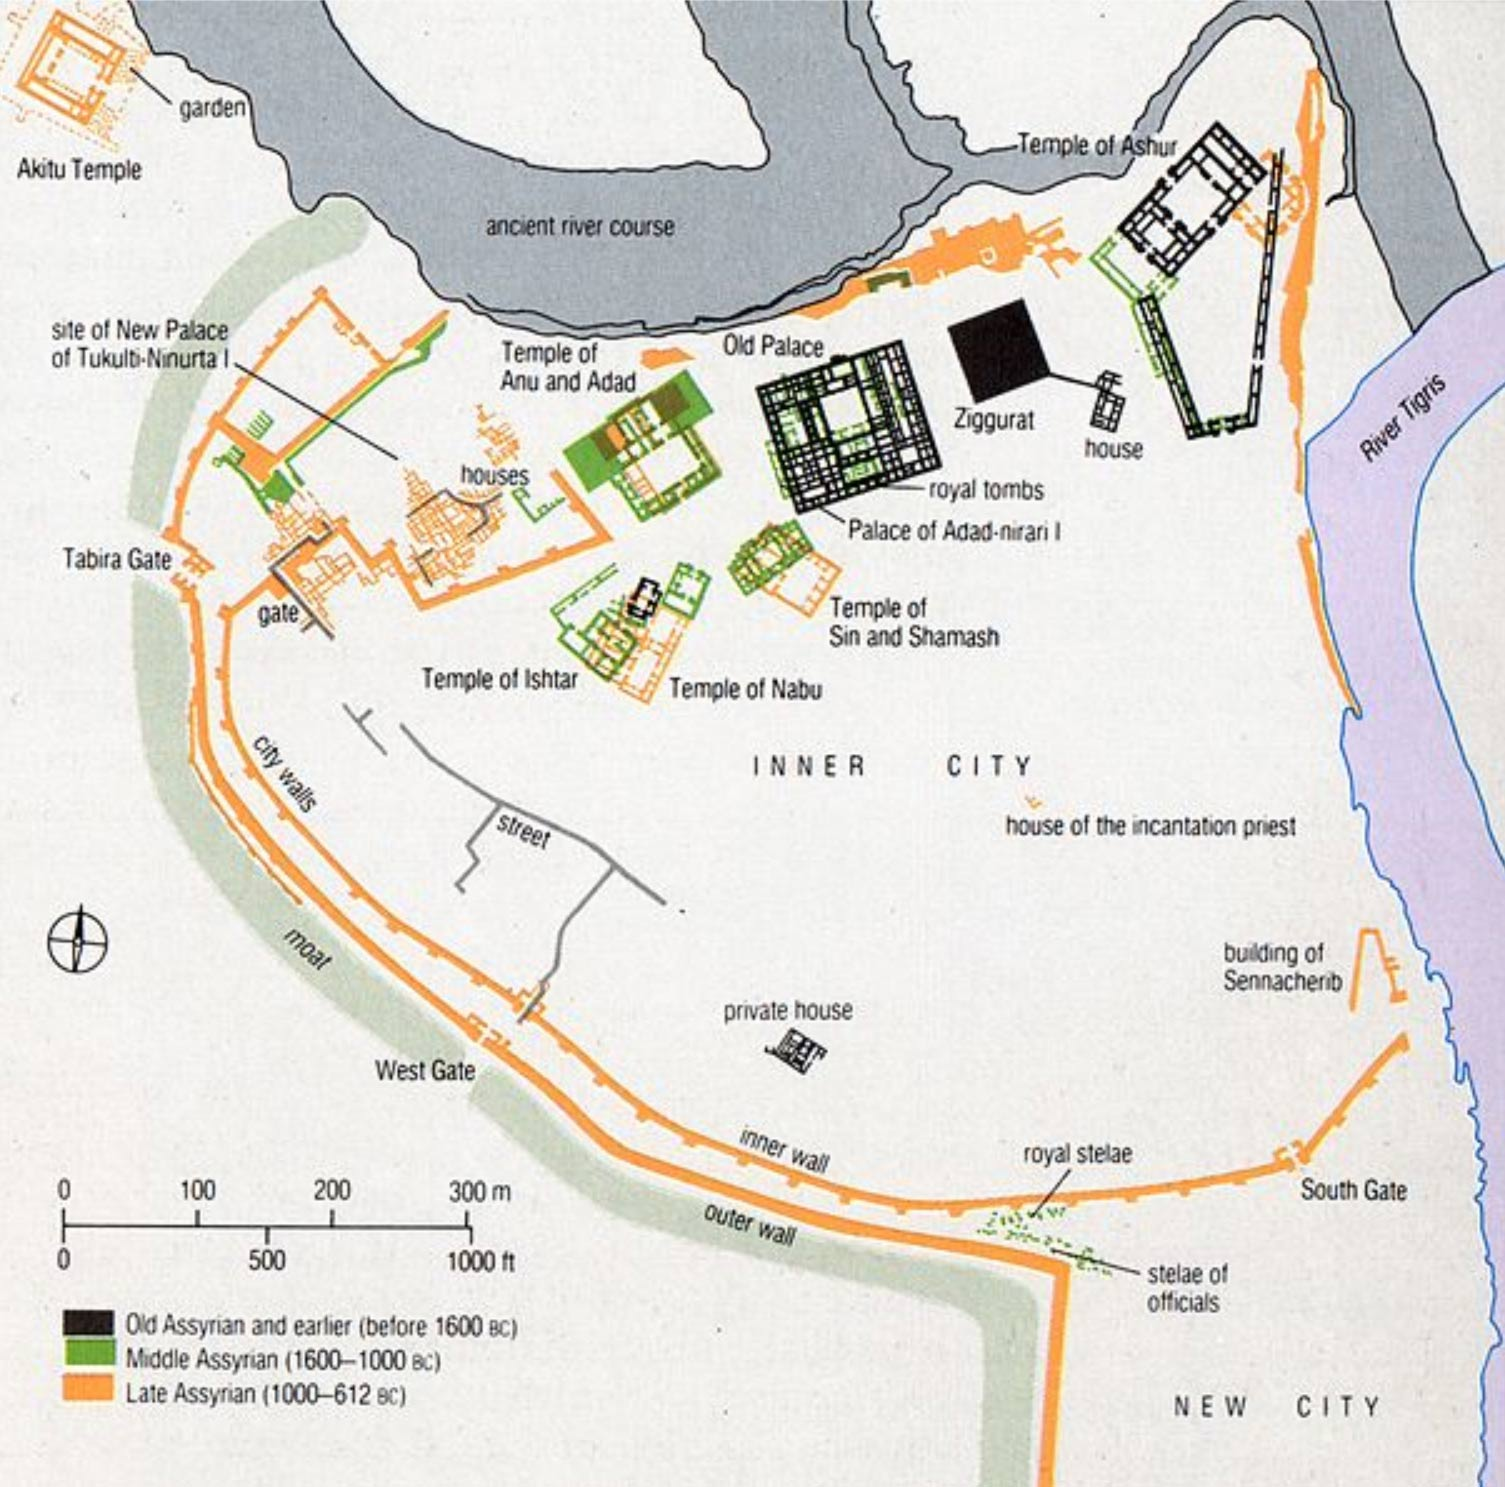 Trazado de la ciudad de Asur a lo largo de los siglos. (CC BY-SA 4.0)